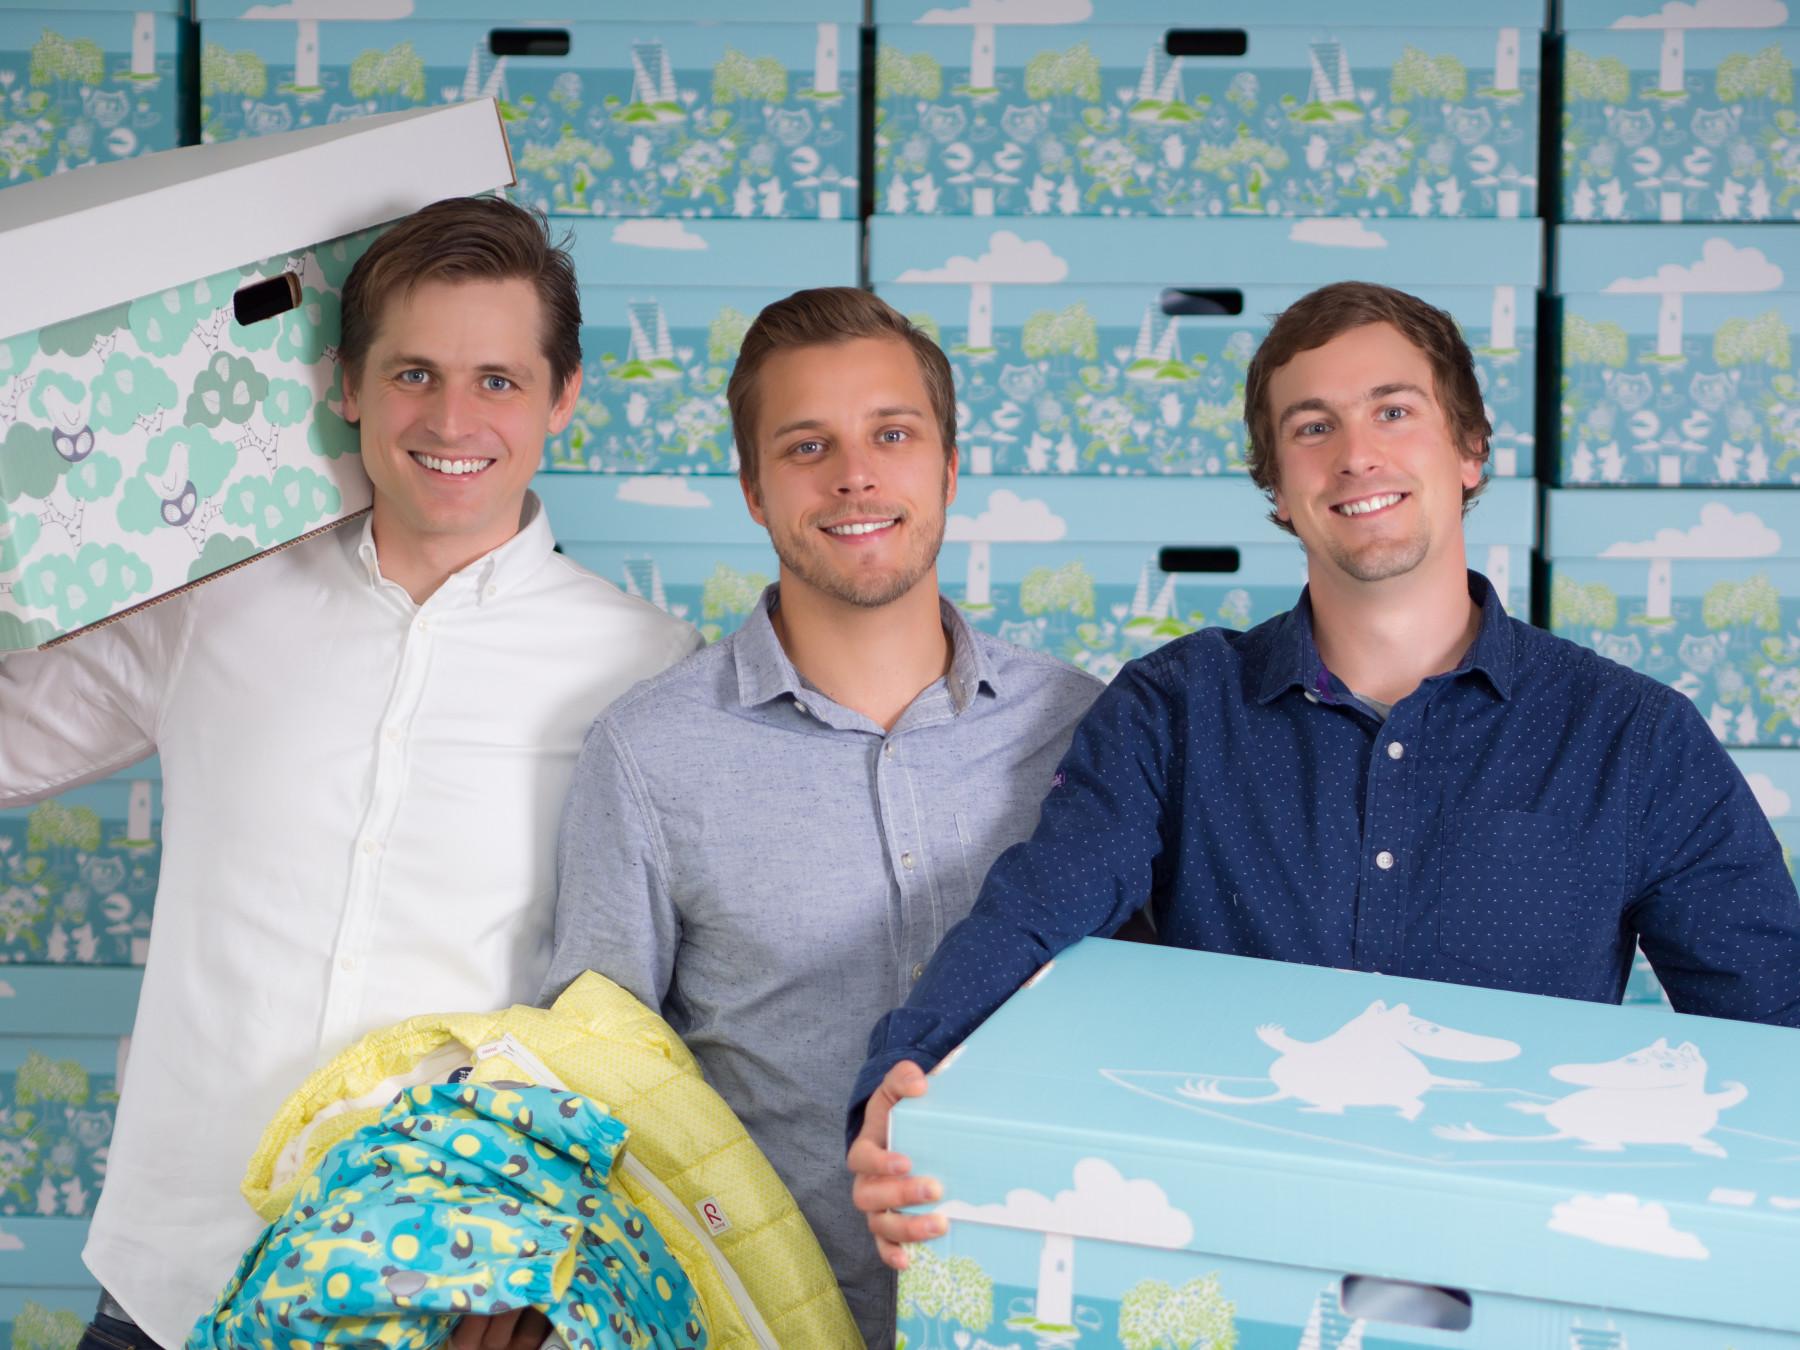 Das Finnish Baby Box-Trio (von links): Heikki Tiittanen, Anton Danielsen und Anssi Okkonen haben zusammen acht Kinder. Als sie ihr Unternehmen begannen, leitete Tiittanen das Unternehmen in seinem Vaterschaftsurlaub, während sein Sohn Mittagsschlaf hielt.